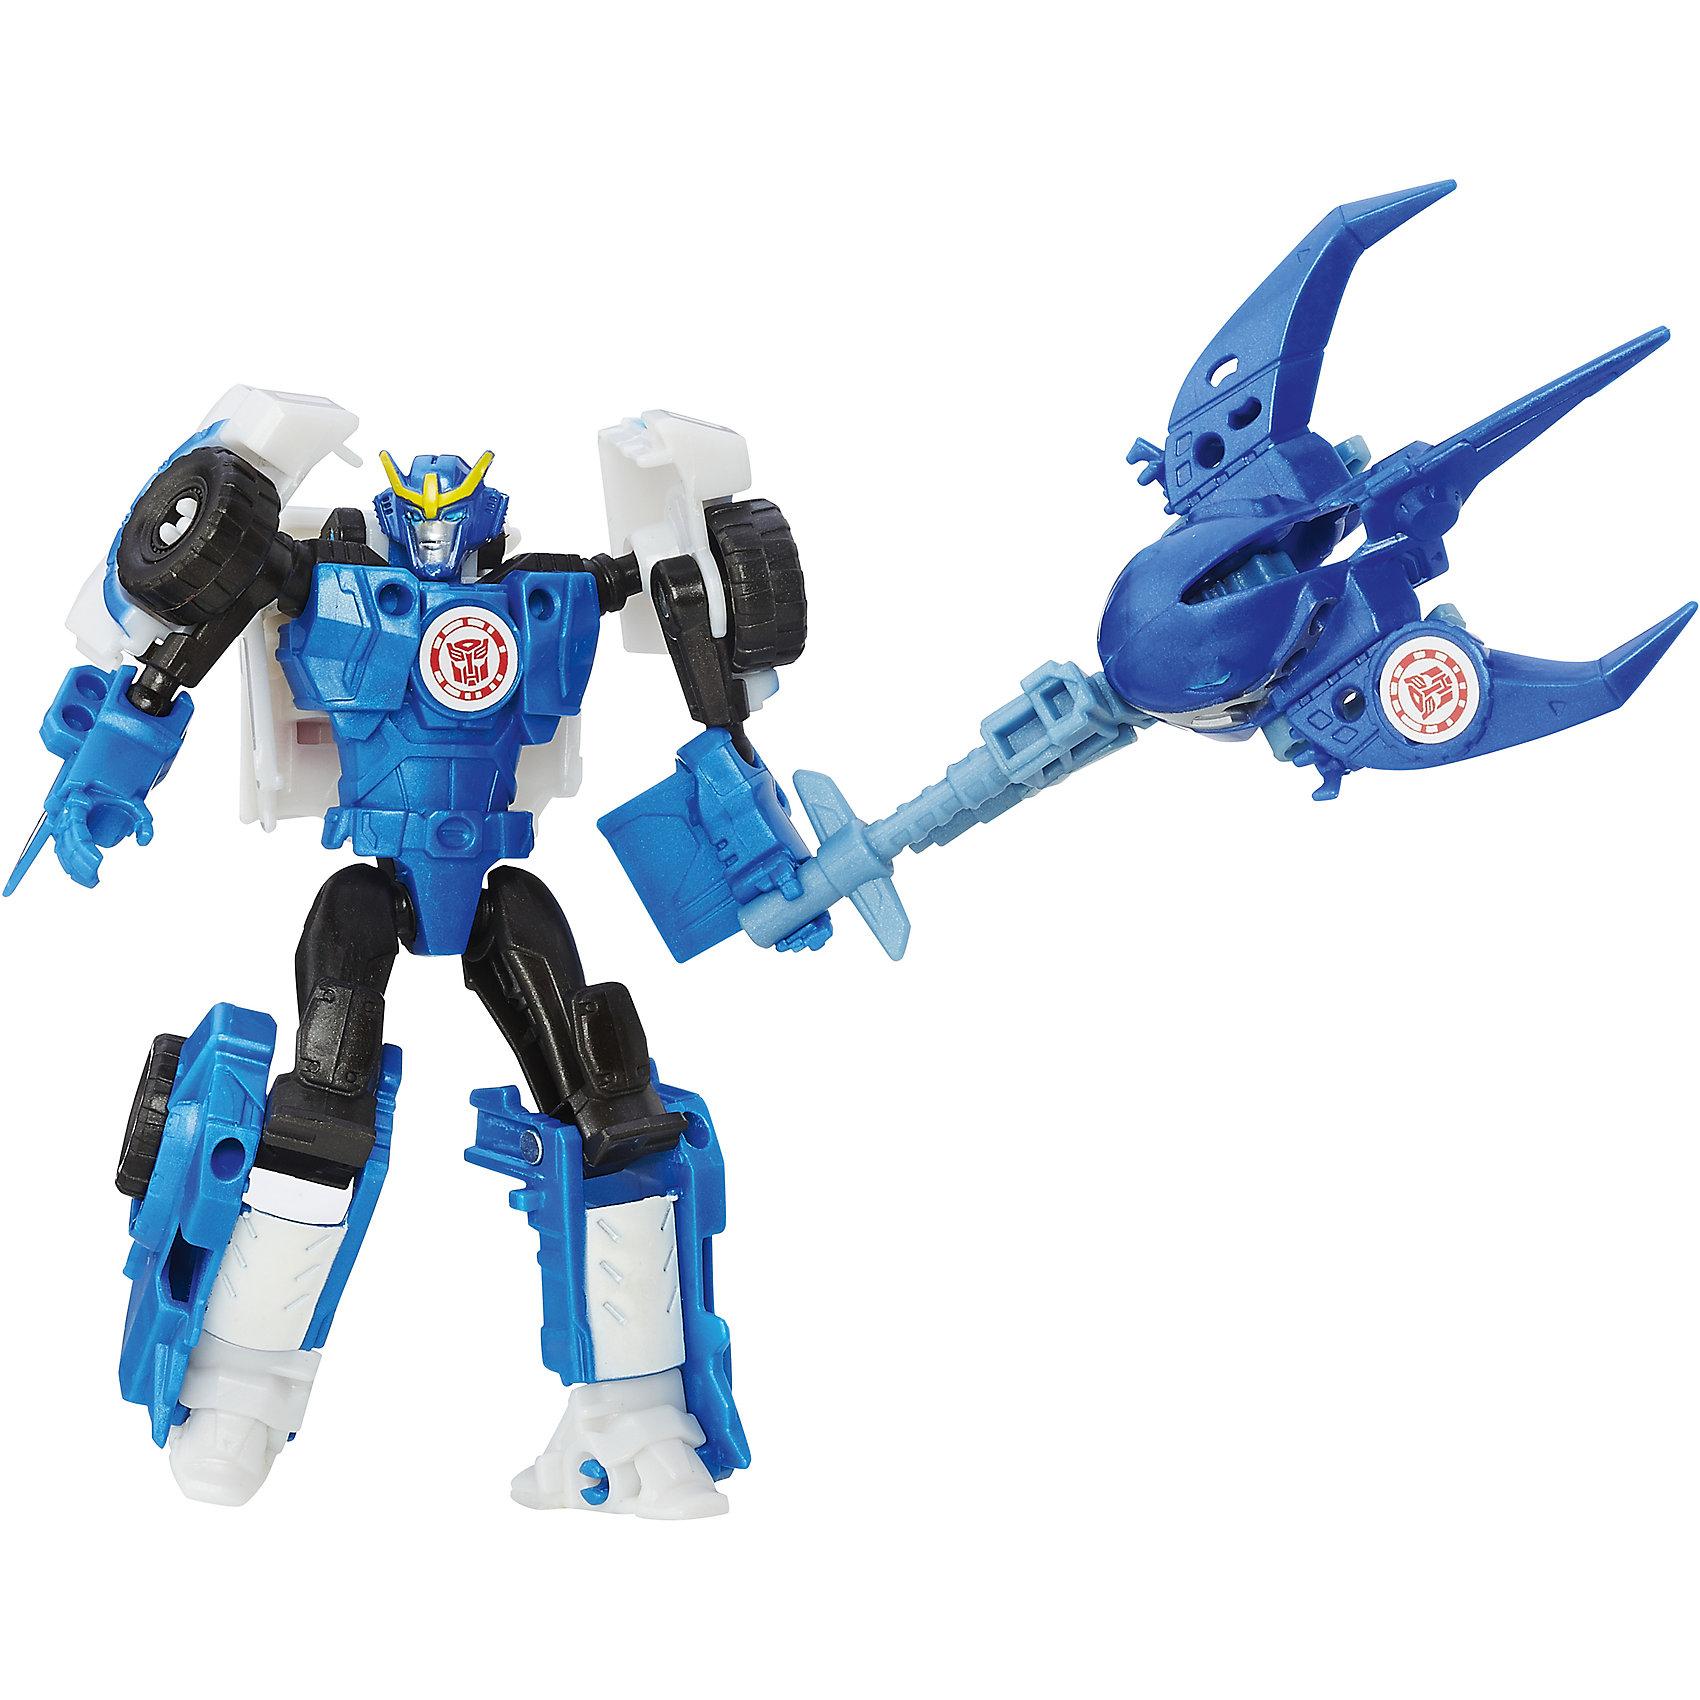 Миниконы Бэтл Пэкс, Роботс-ин-Дисгайс, Трансформеры, B4713/B7676Трансформеры<br>Характеристики:<br><br>• Материал: пластик<br>• Комплектация: 2 робота-трансформера, 8 аксессуаров<br>• Высота робота ?11 см, высота мини-кона ?5 см<br>• Трансформируется в гоночную машину за 5 шагов<br>• На игрушке имеется сканируемый жетон<br>• Вес в упаковке: 162 г<br>• Размеры упаковки (Г*Ш*В): 23,2*20,3*5,5 см<br>• Упаковка: блистер на картонной подложке<br><br>Наборы этой коллекции состоят из робота-трансформера, мини-кона и коллекции аксессуаров. Робот этой коллекции за 5 шагов трансформируется в гоночную машину. Фигурки героев выполнены из твердого пластика, устойчивого к повреждениям и трещинам, детали окрашены нетоксичной краской без запаха. Робот выполнен с высокой степенью достоверности и соответствия облику своего экранного прототипа.<br><br>Миникона Бэтл Пэкс, Роботс-ин-Дисгайс, Трансформеры, B4713/B7676 можно купить в нашем интернет-магазине.<br><br>Ширина мм: 232<br>Глубина мм: 203<br>Высота мм: 55<br>Вес г: 162<br>Возраст от месяцев: 48<br>Возраст до месяцев: 96<br>Пол: Мужской<br>Возраст: Детский<br>SKU: 5489046